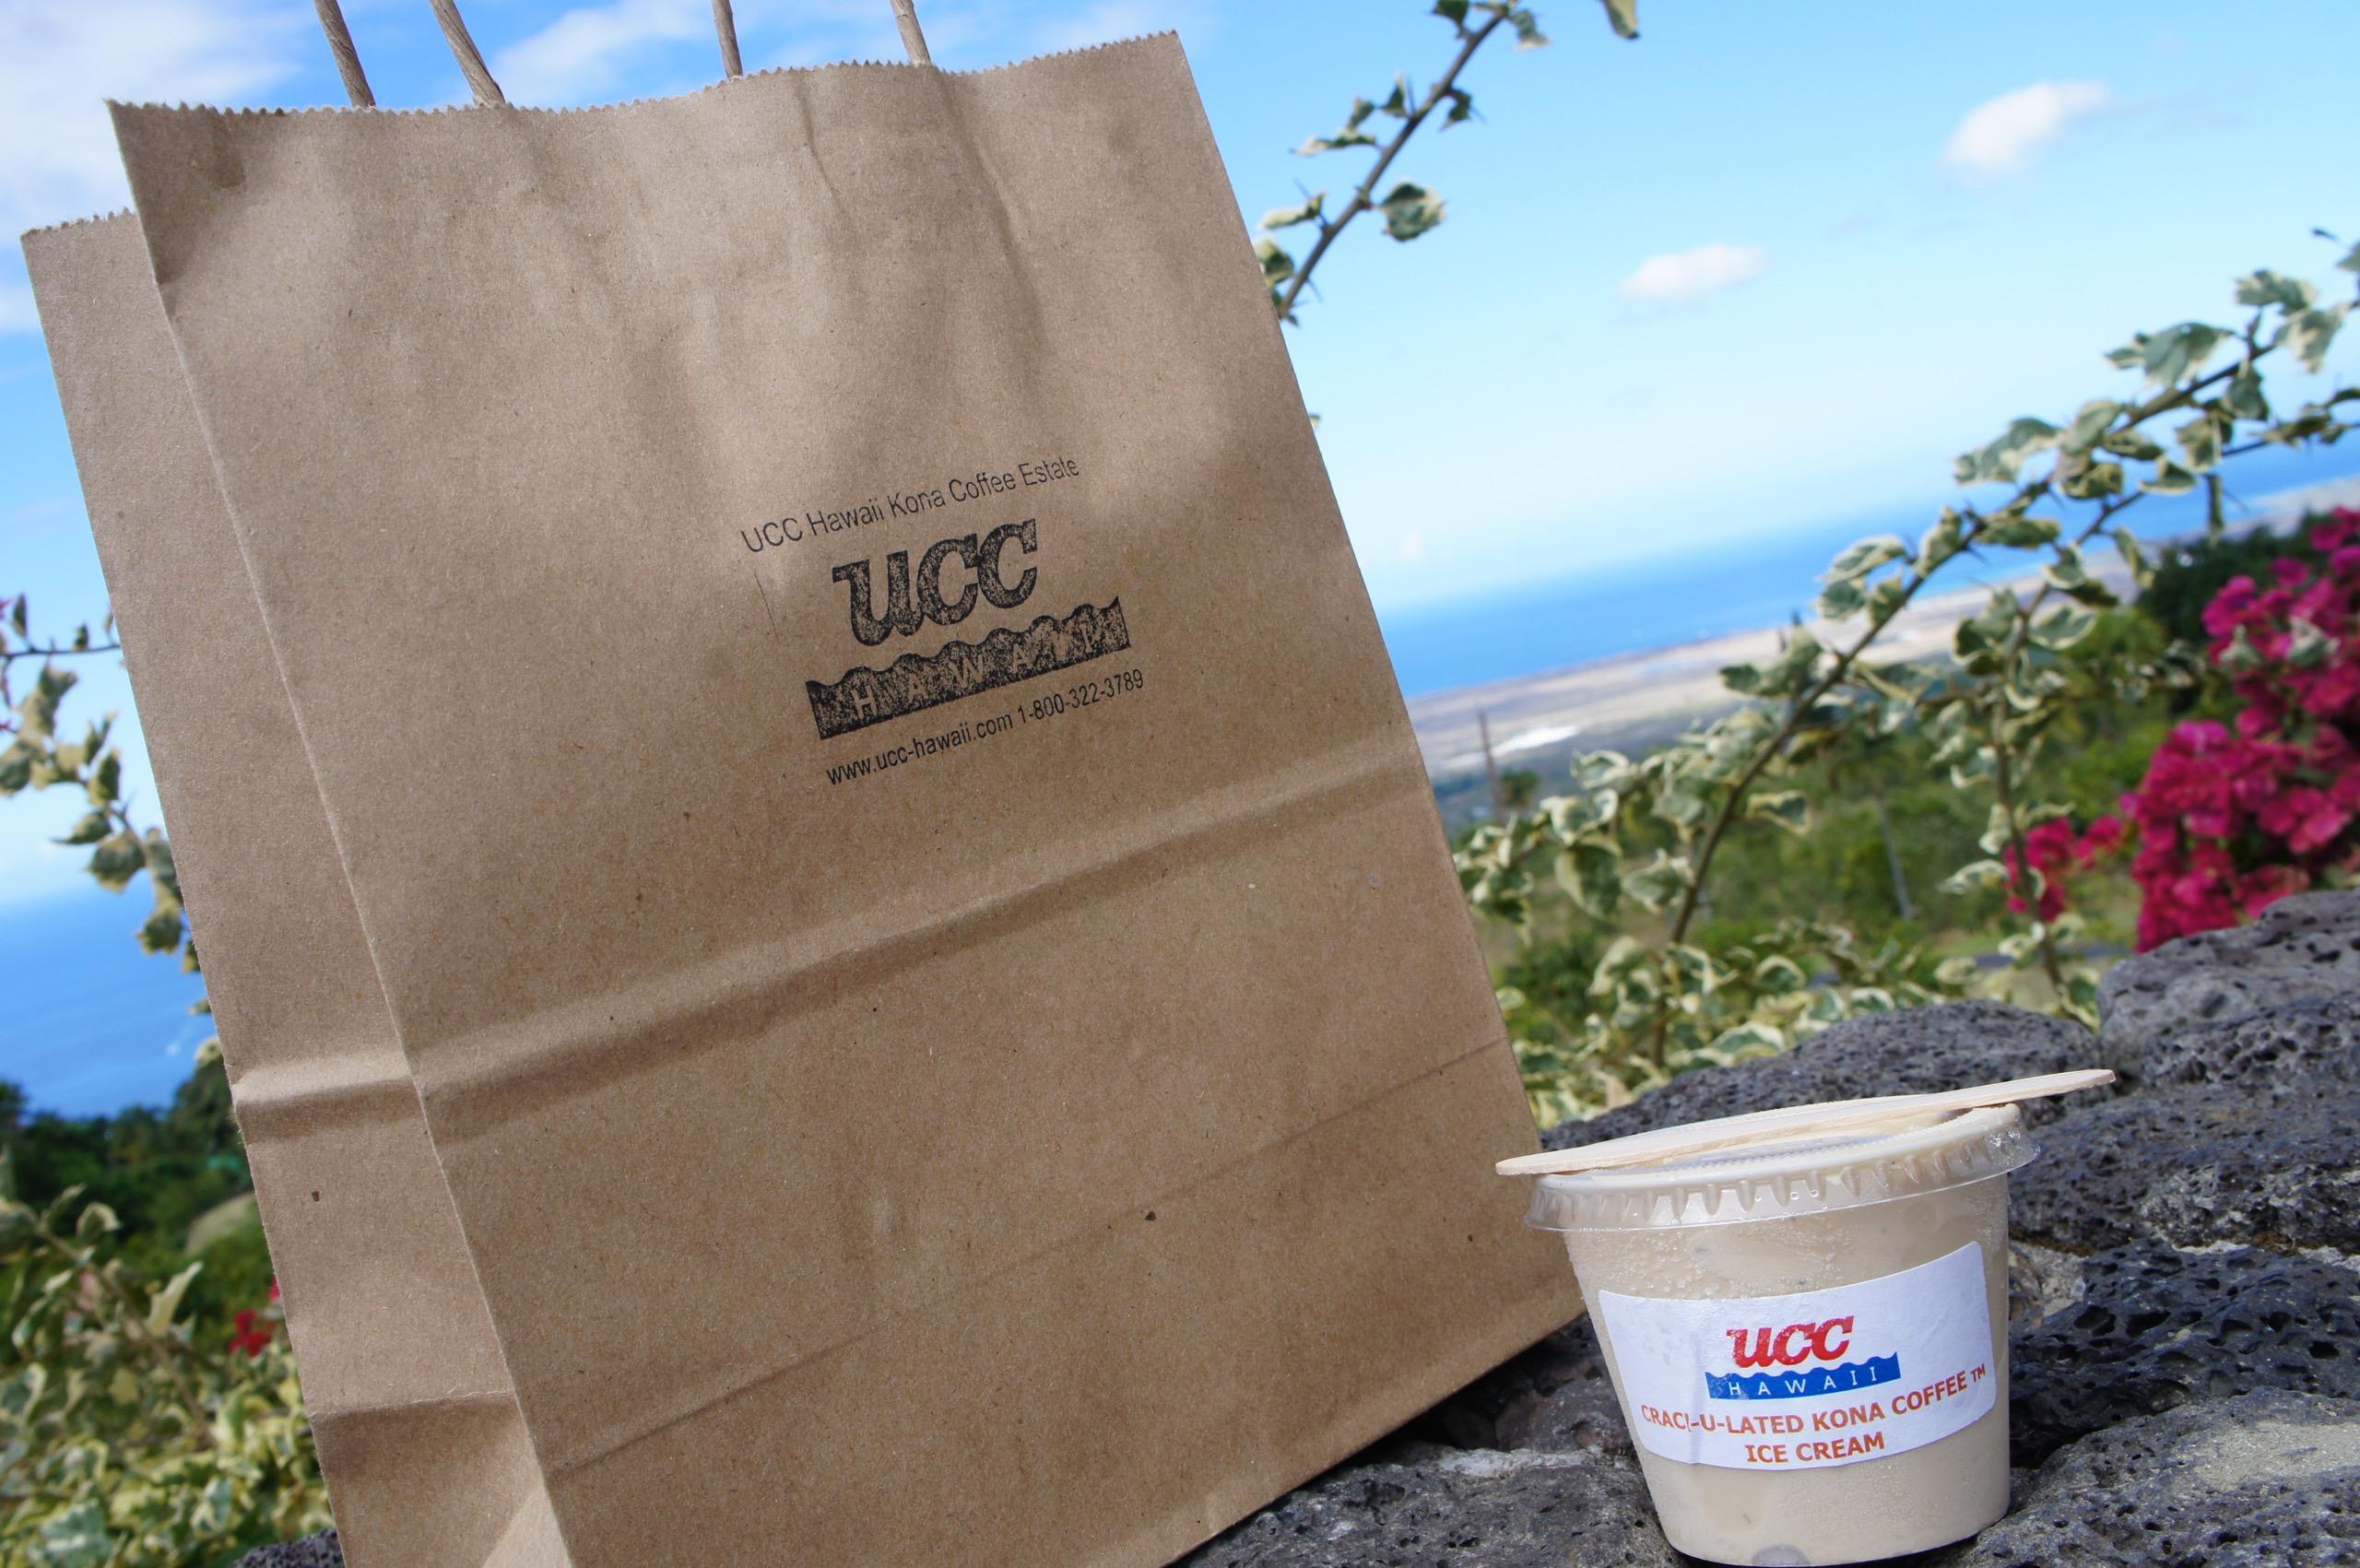 《#ハワイ女子旅》絶対食べたい❤️【UCCハワイ直営農園】で食べられるコナコーヒーアイスクリーム☻_6